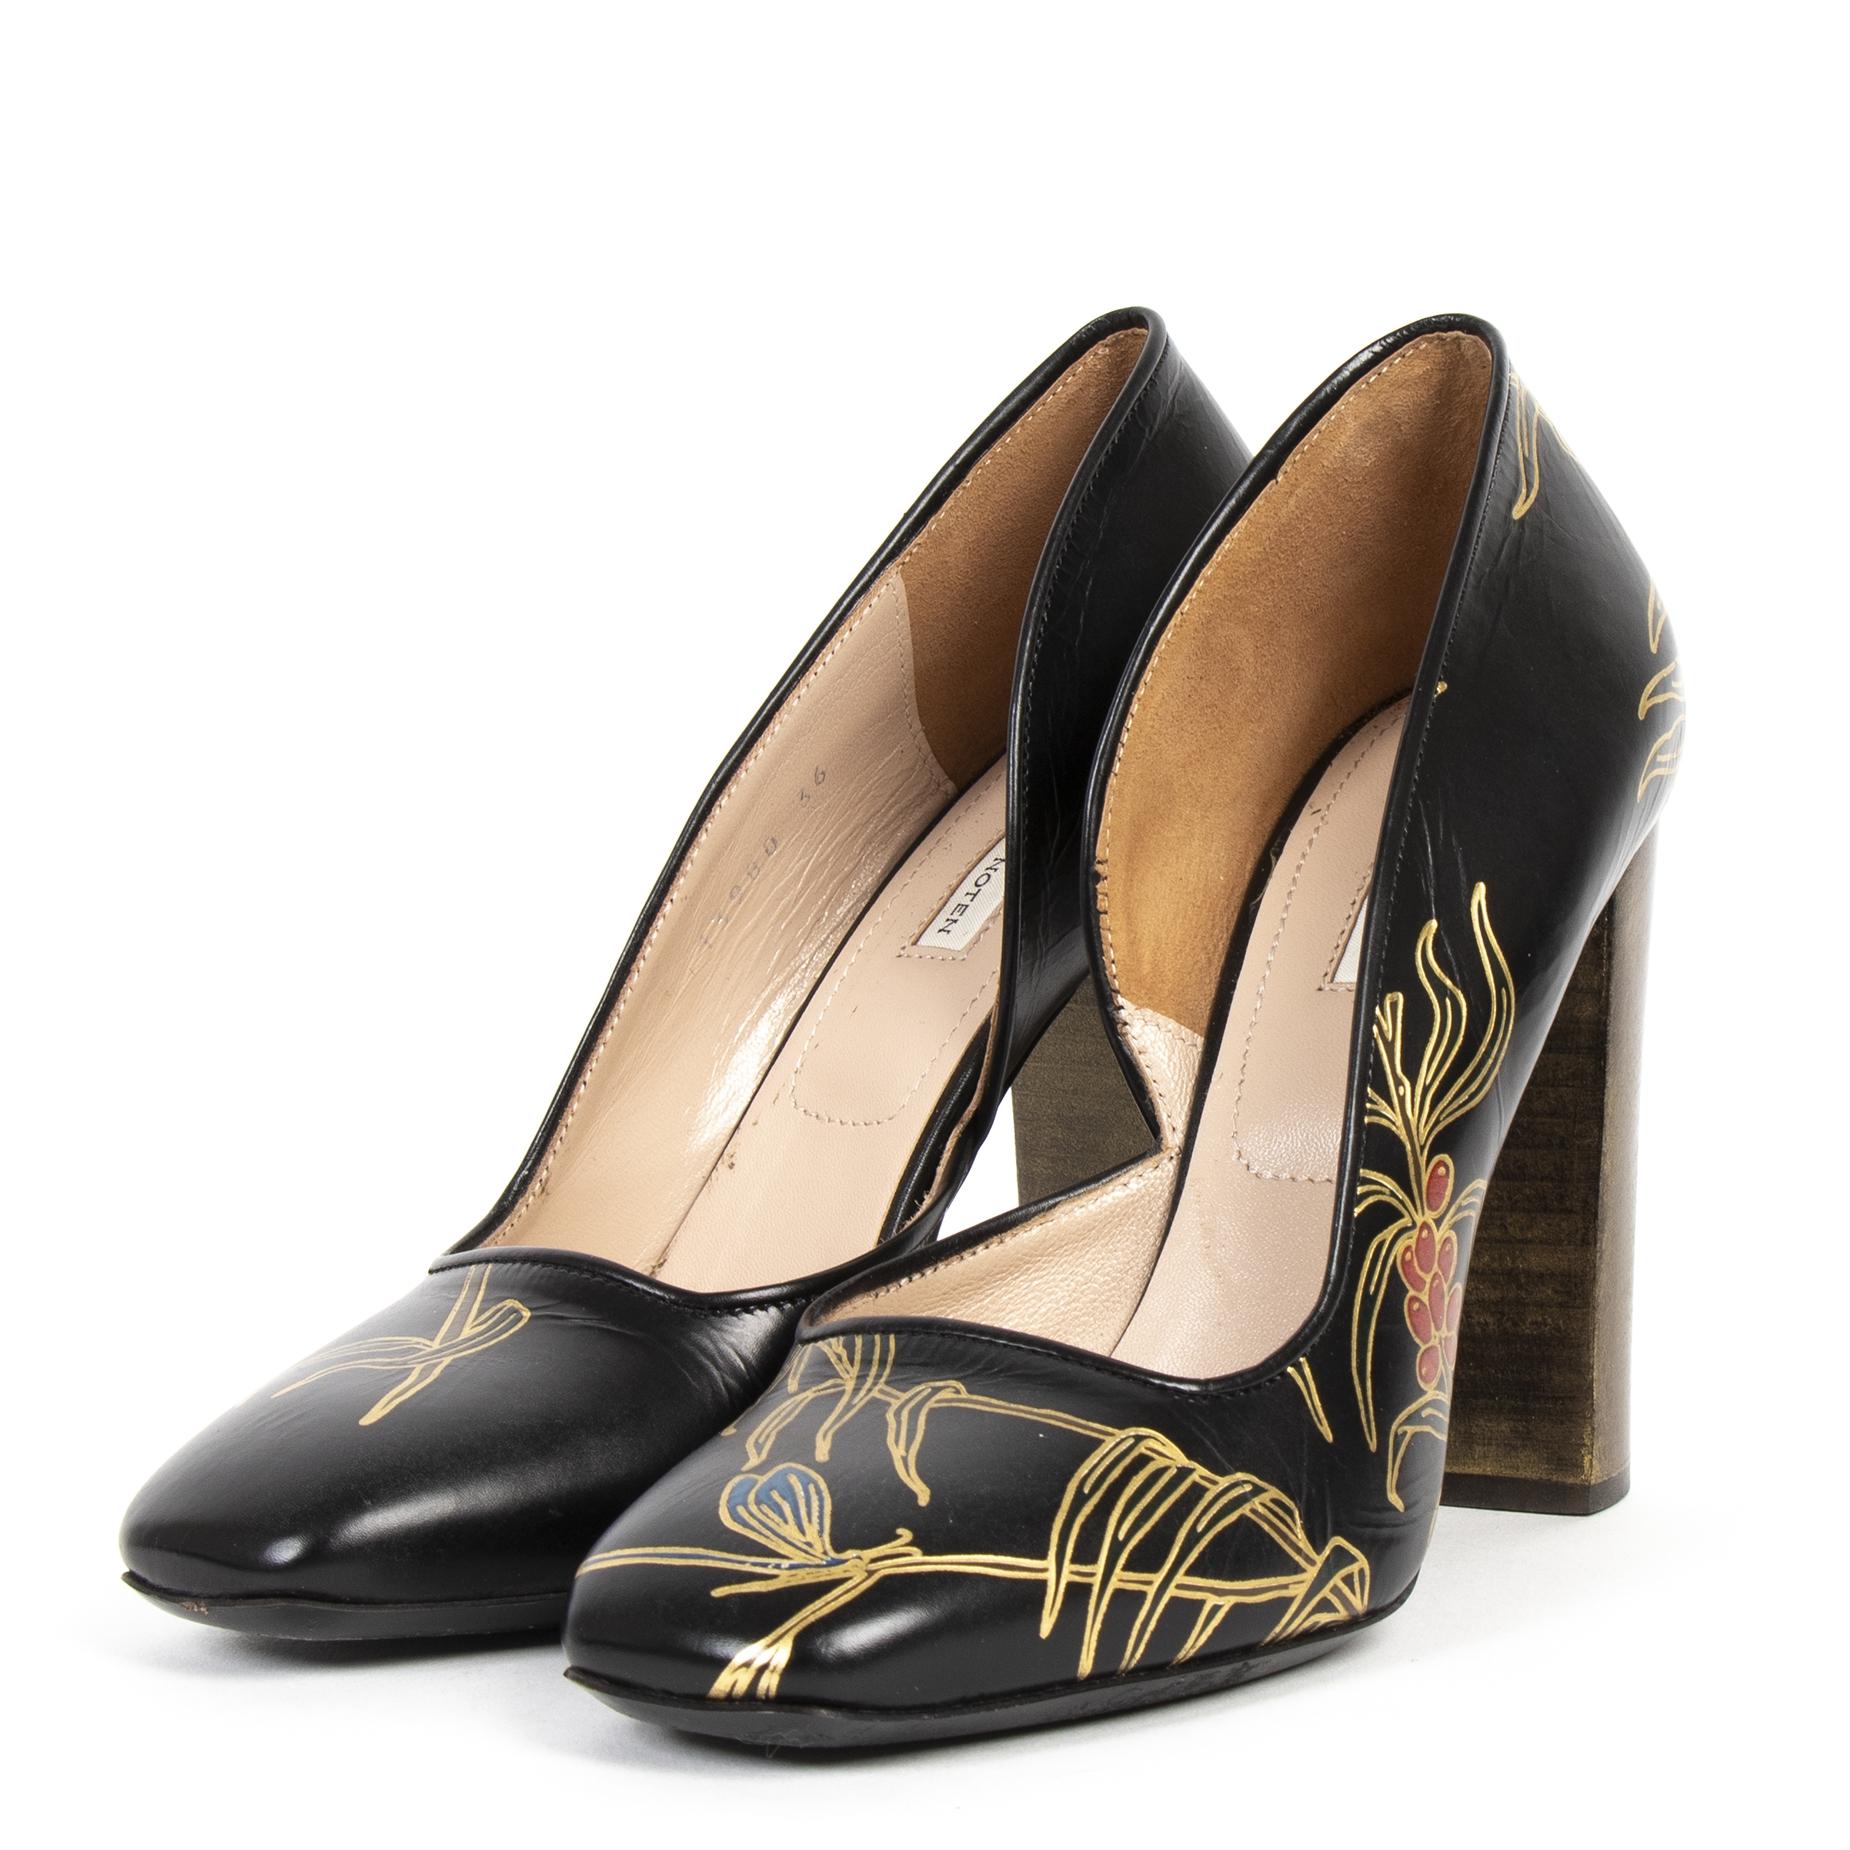 Dries Van Noten Black Leather Heels - Size 36